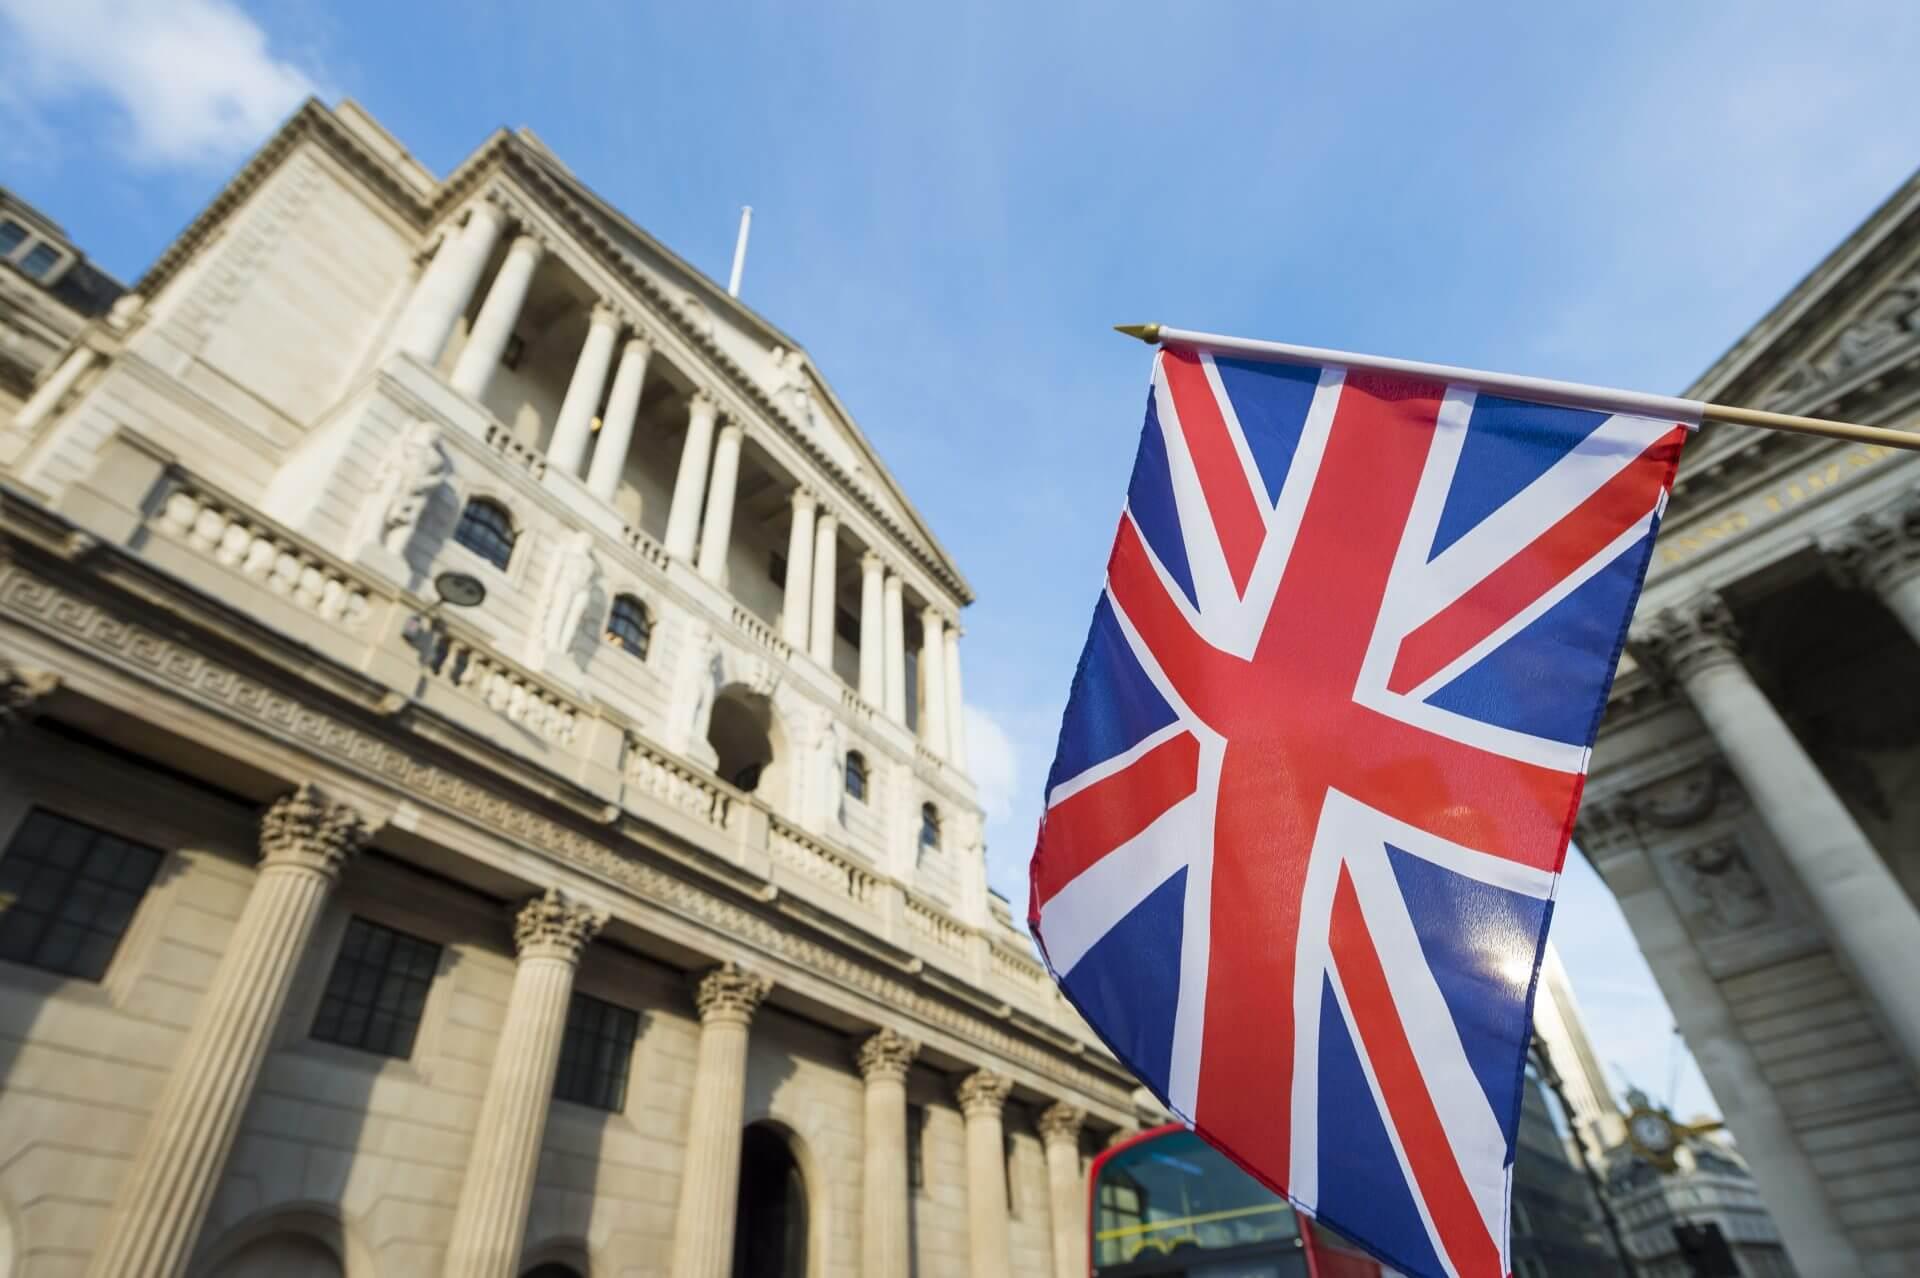 Глава Банка Англии: Время регулировать криптовалюту по широким стандартам финансовой системы